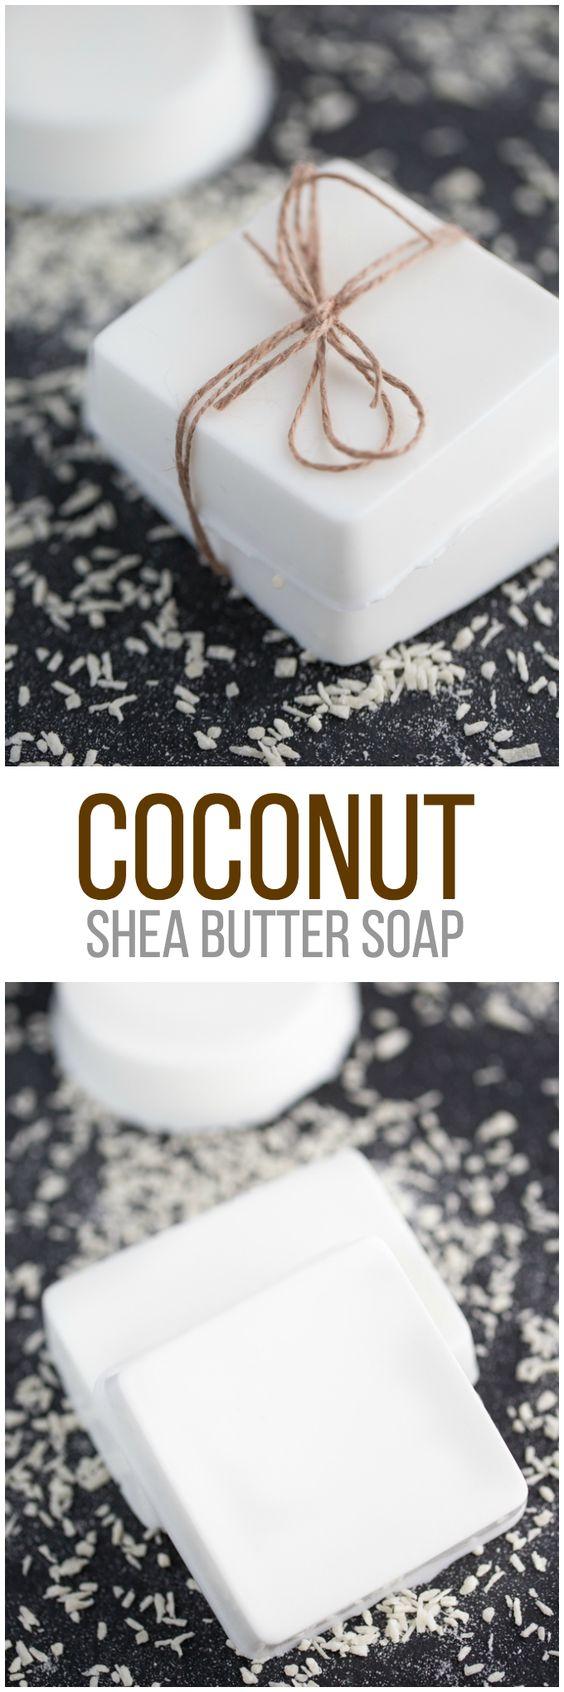 Coconut Shea Butter Soap.